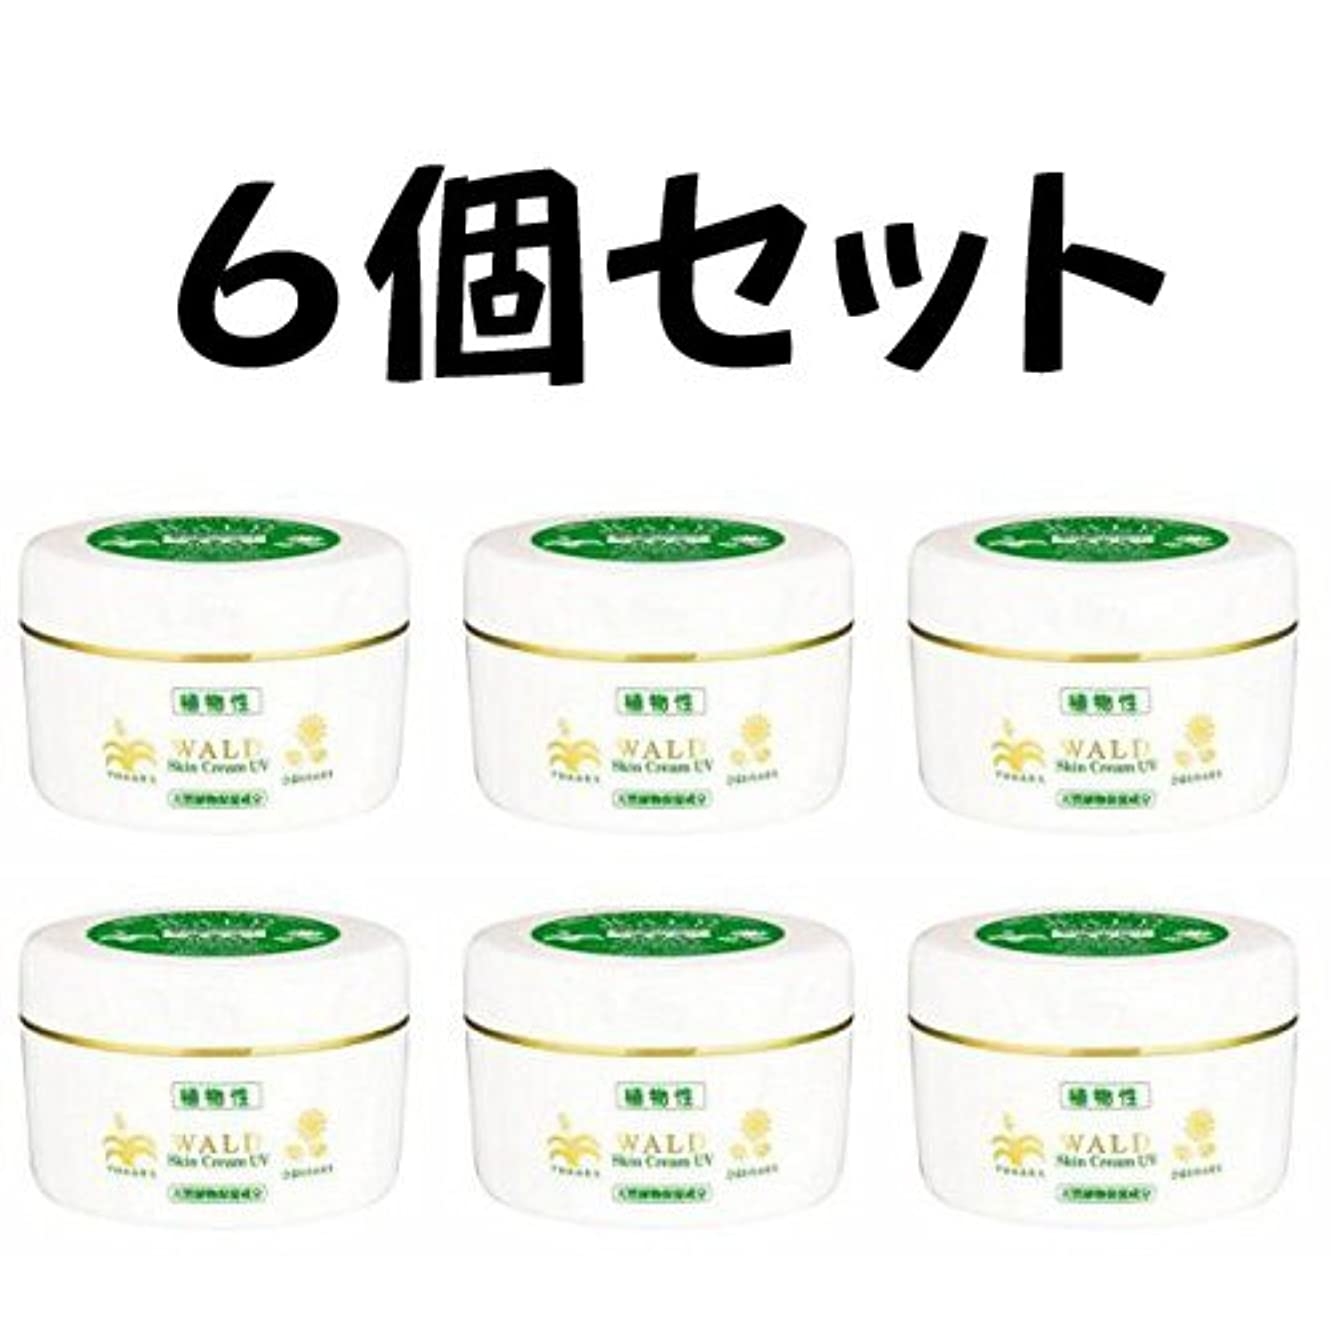 炎上クライマックスヘロイン新 ヴァルトスキンクリーム UV (WALD Skin Cream UV) 220g (6)